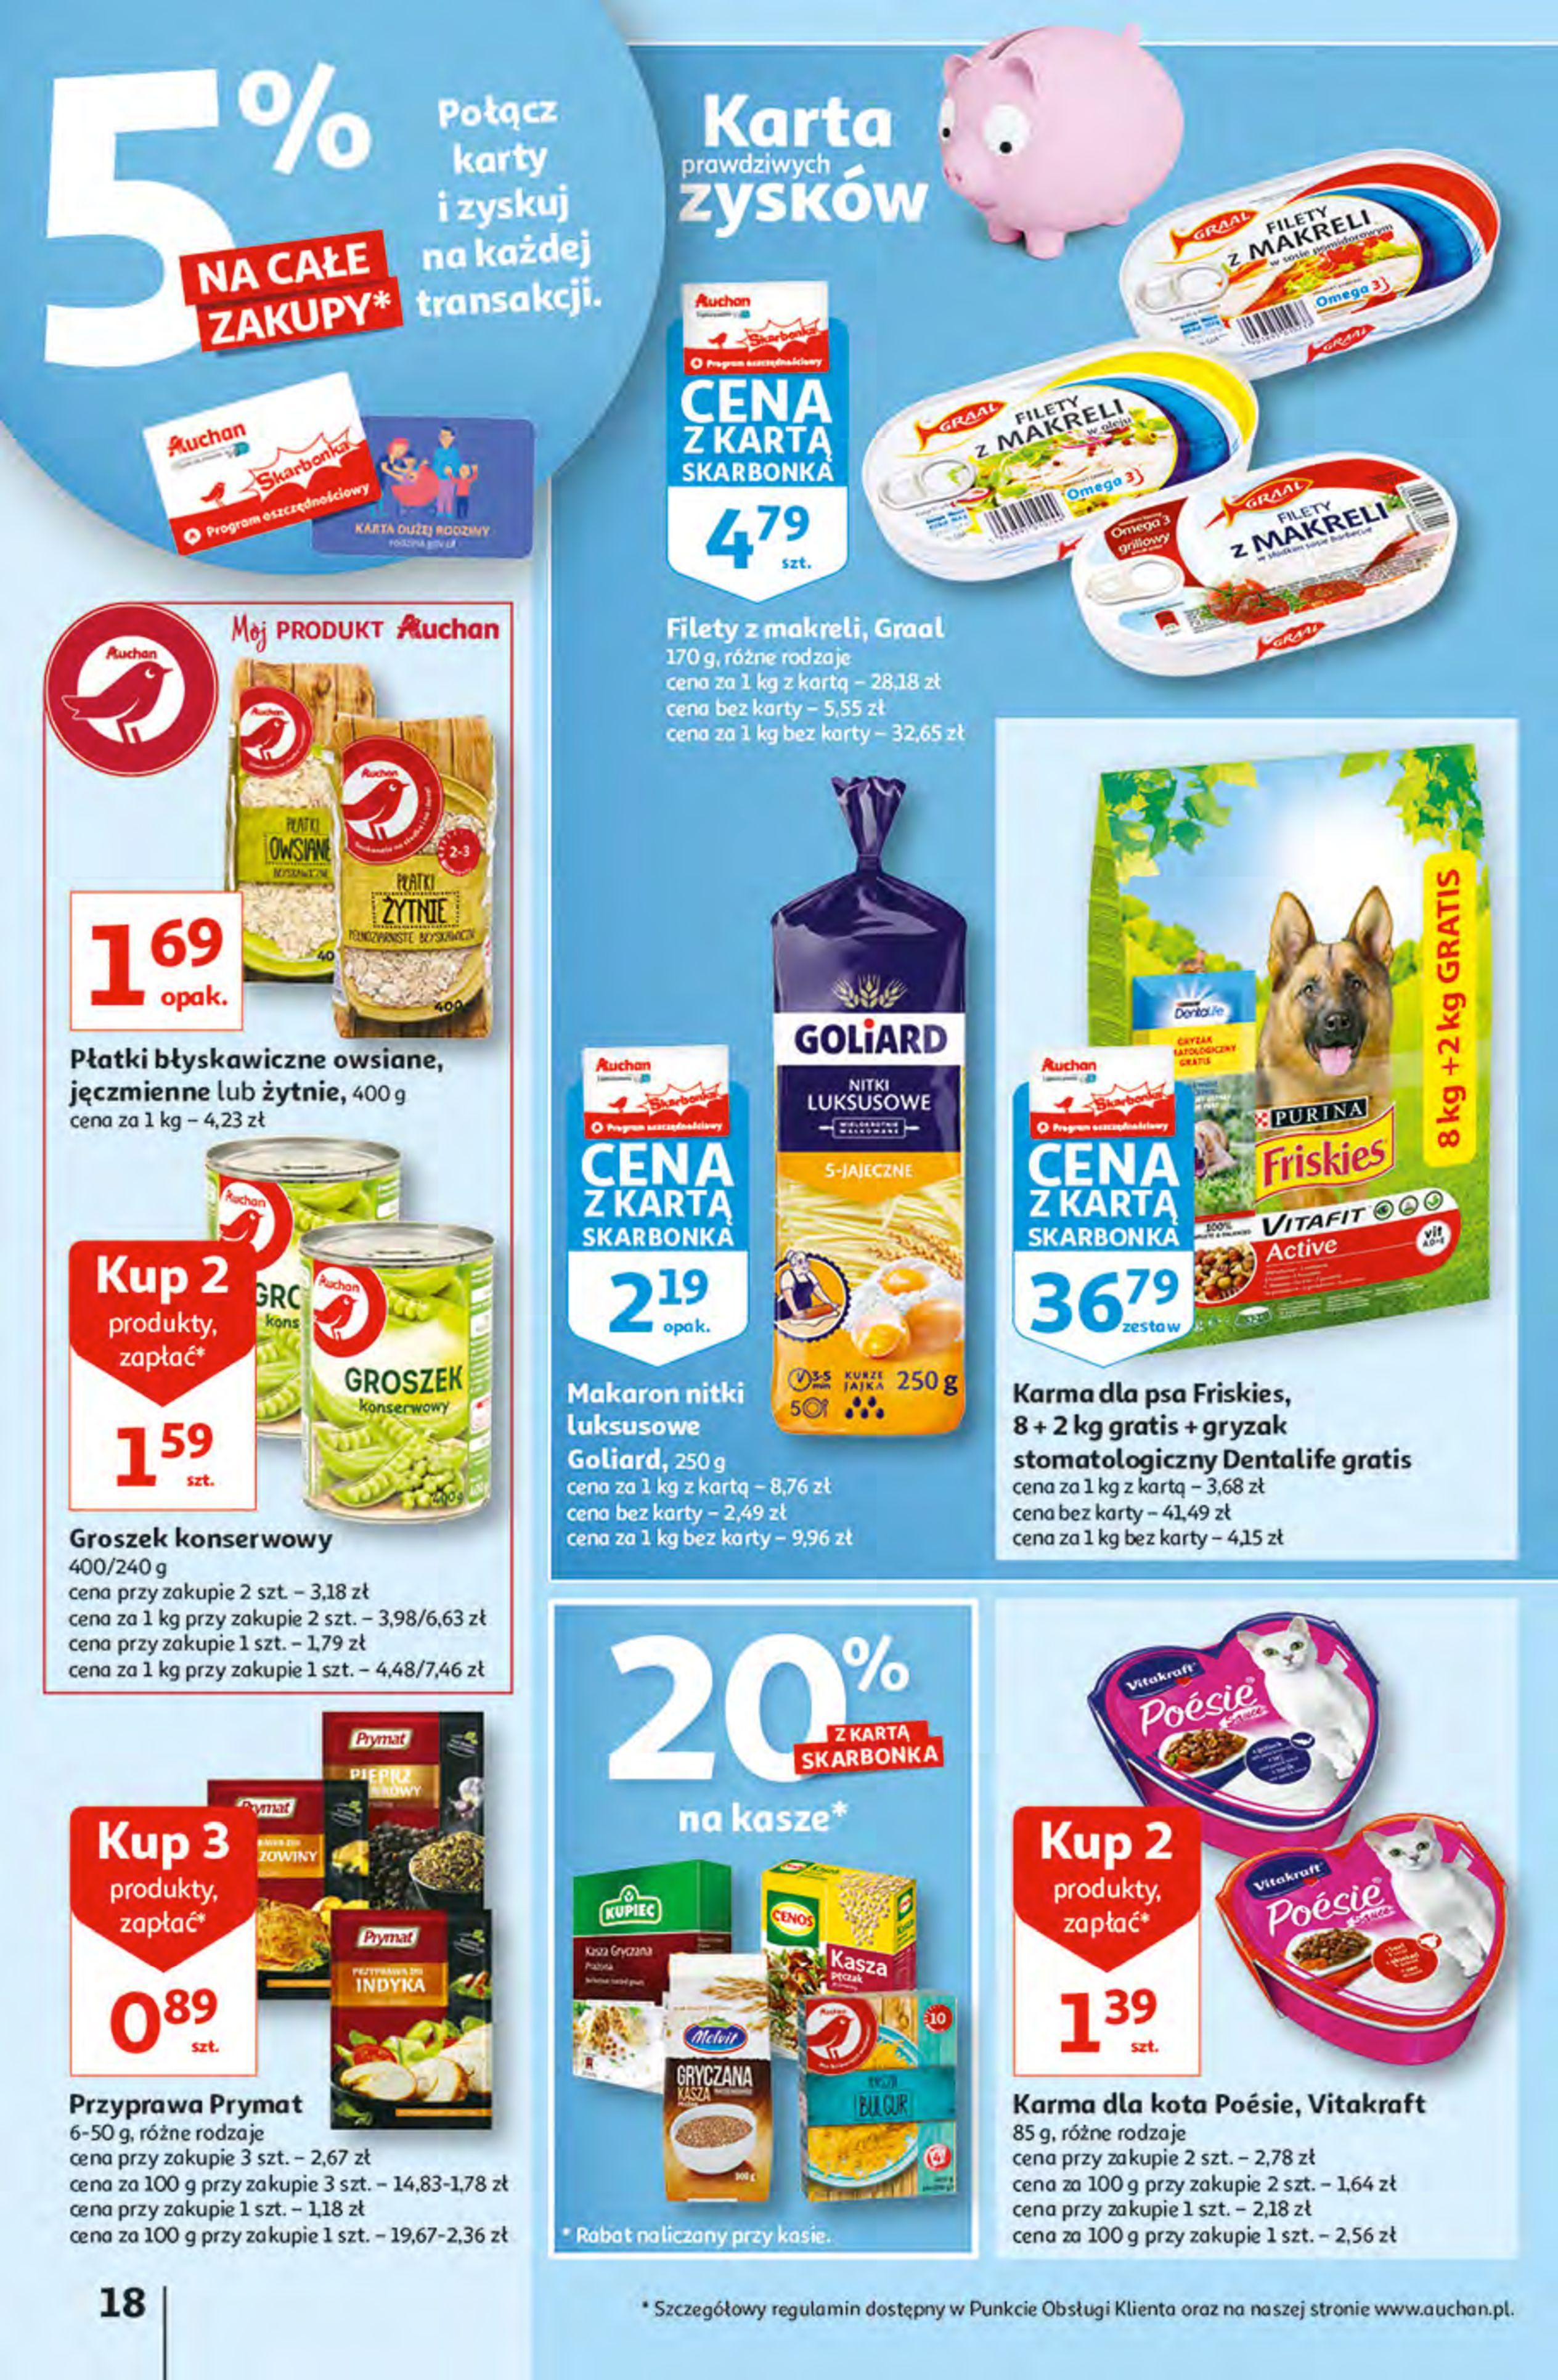 Gazetka Auchan: Gazetka Auchan - Hiperoszczędzanie z Kartą Skarbonka 2 Hipermarkety 2021-10-14 page-18